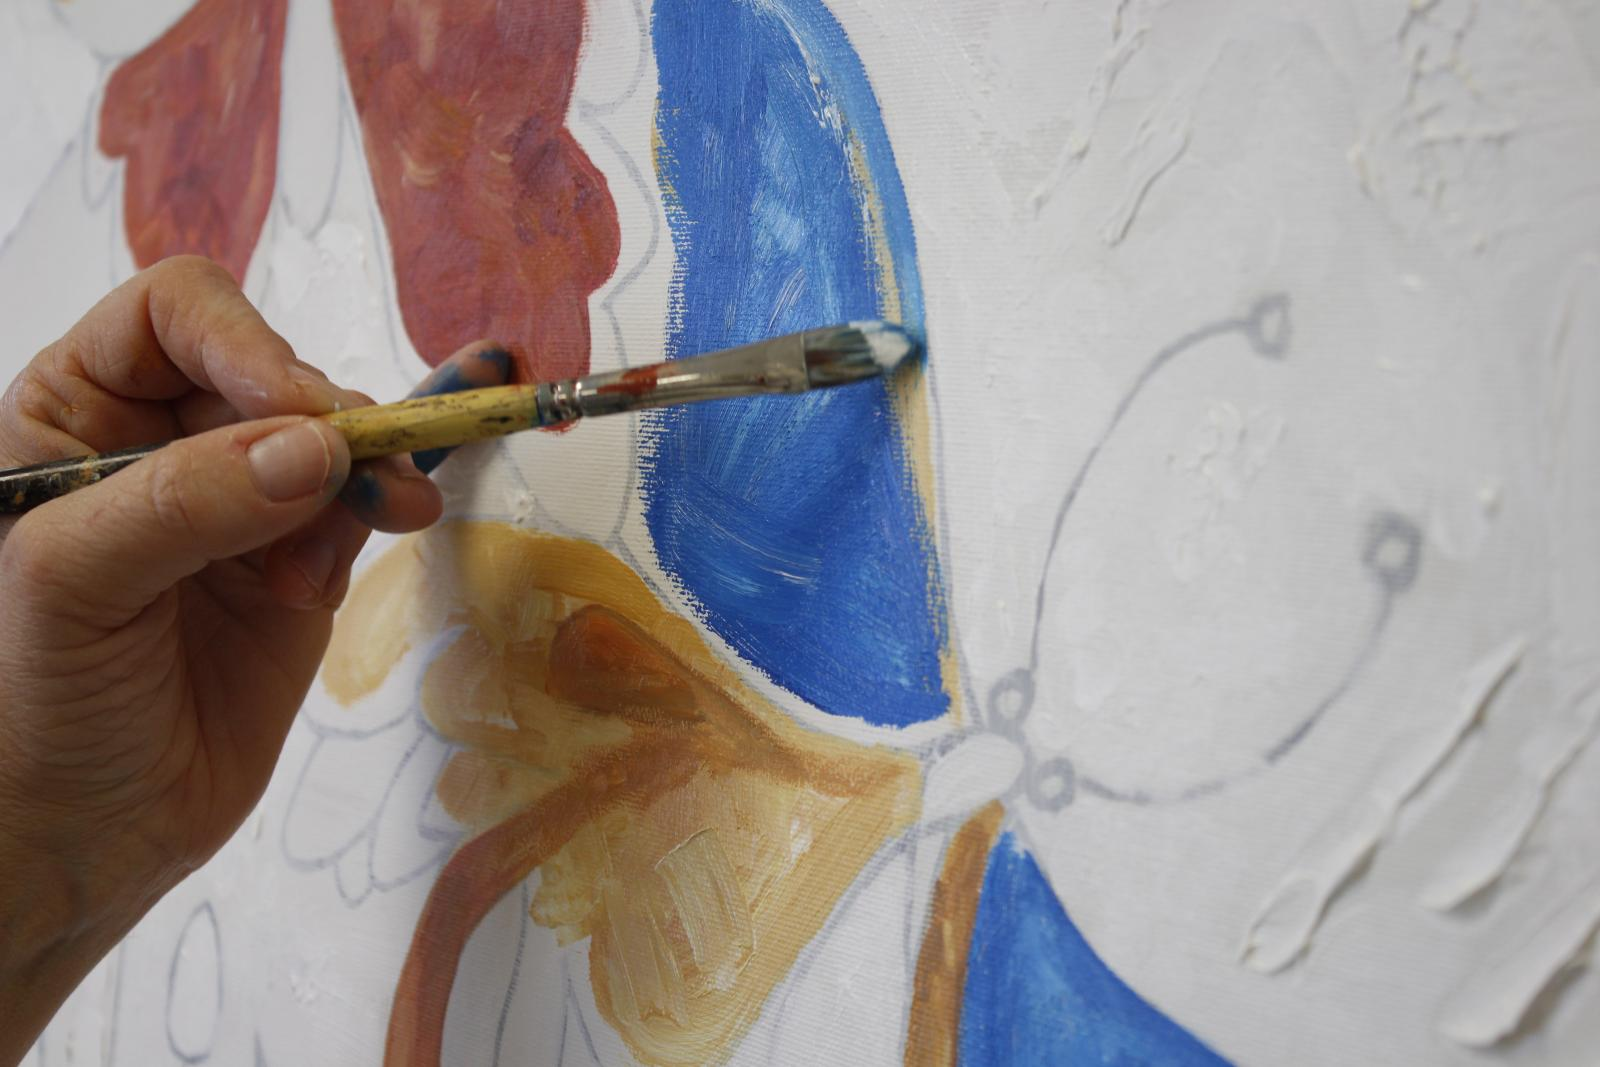 Apprenez la peinture à votre rythme